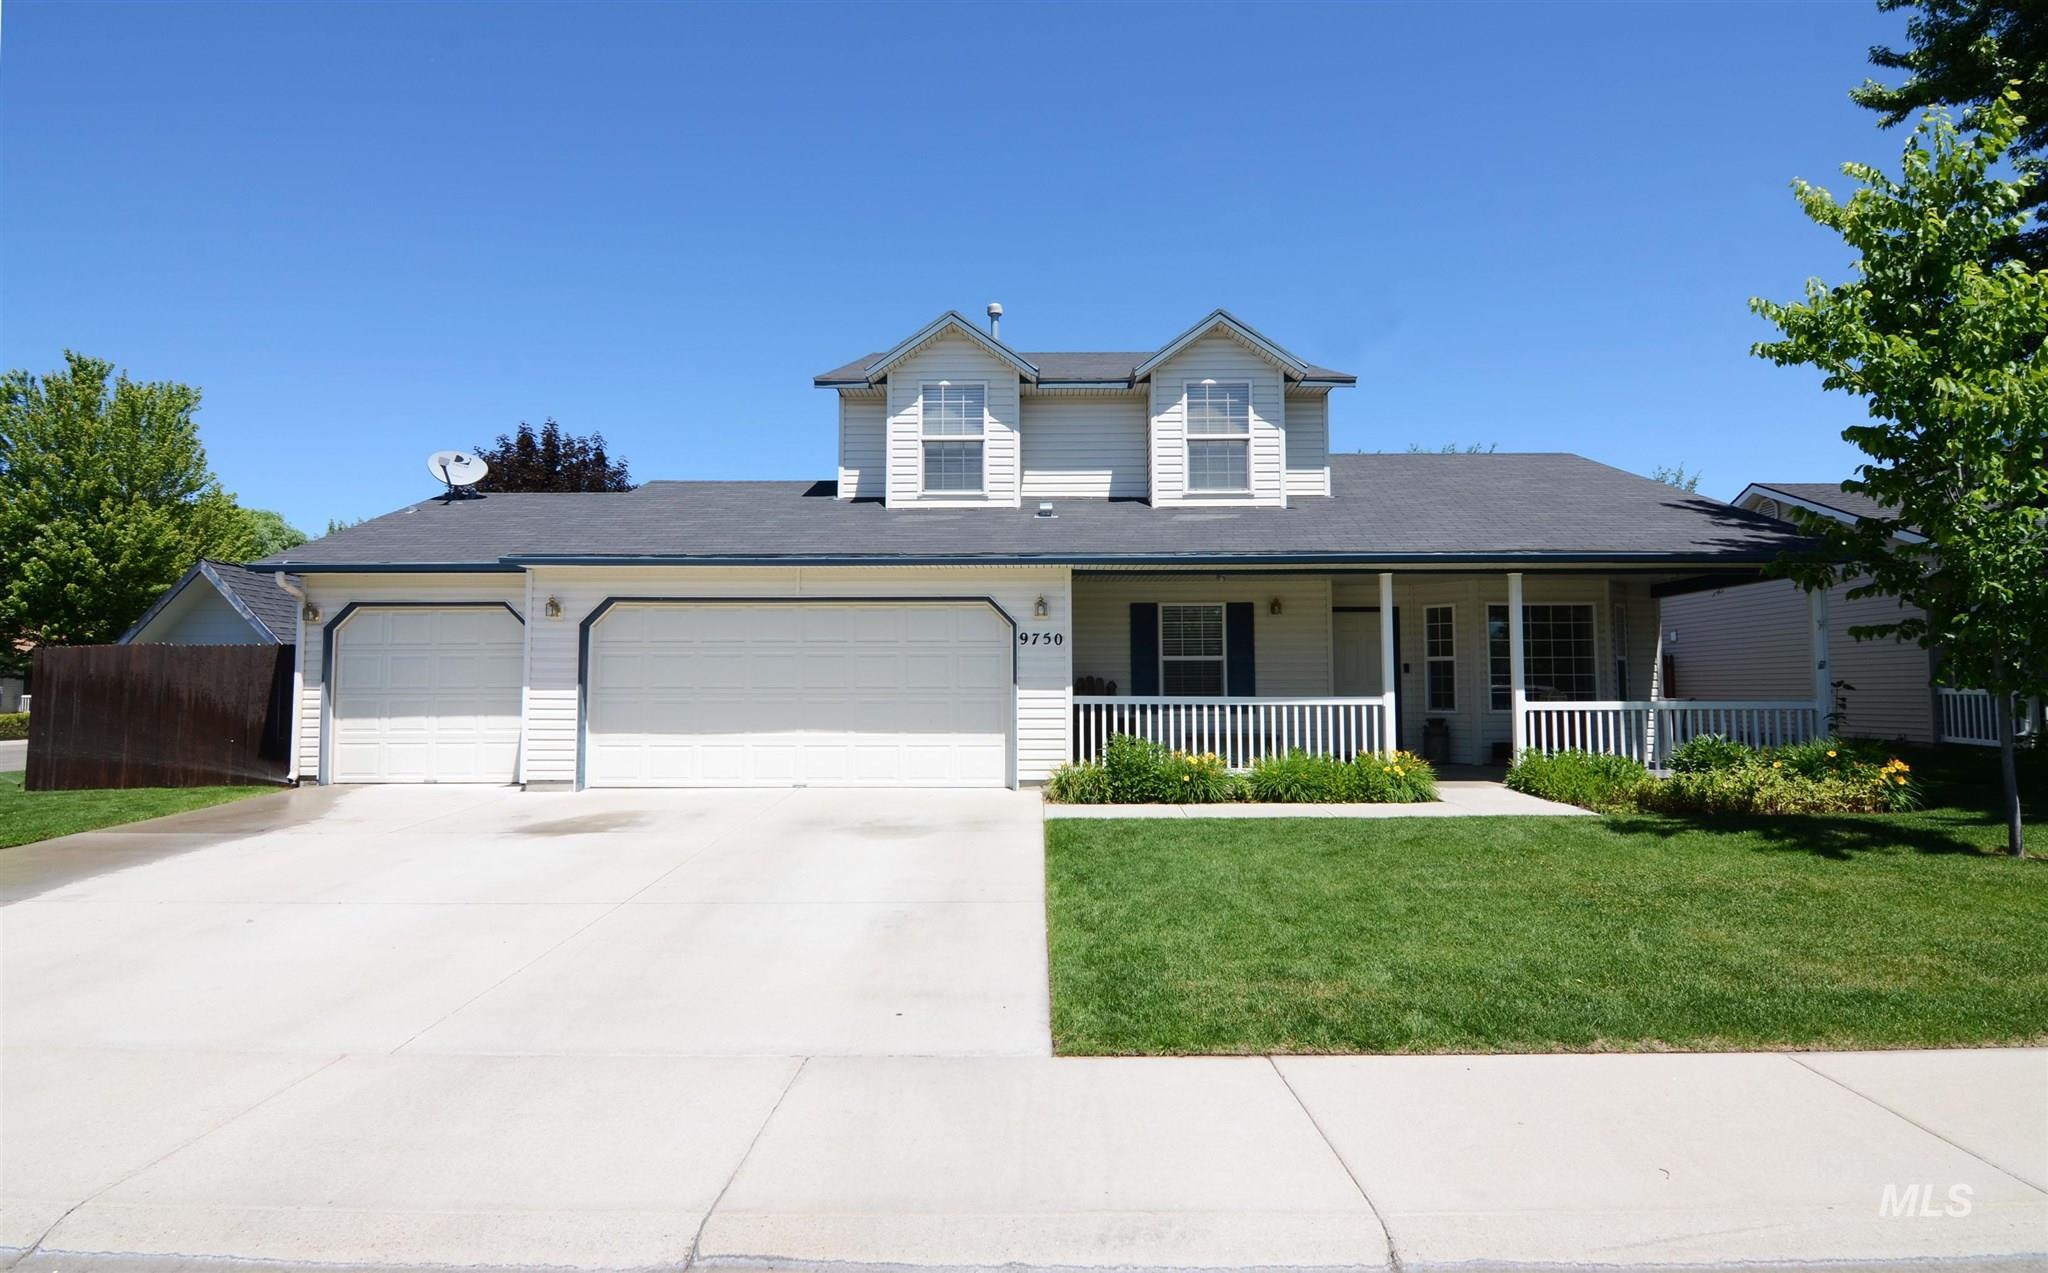 9750 W Leo Dr Property Photo 1